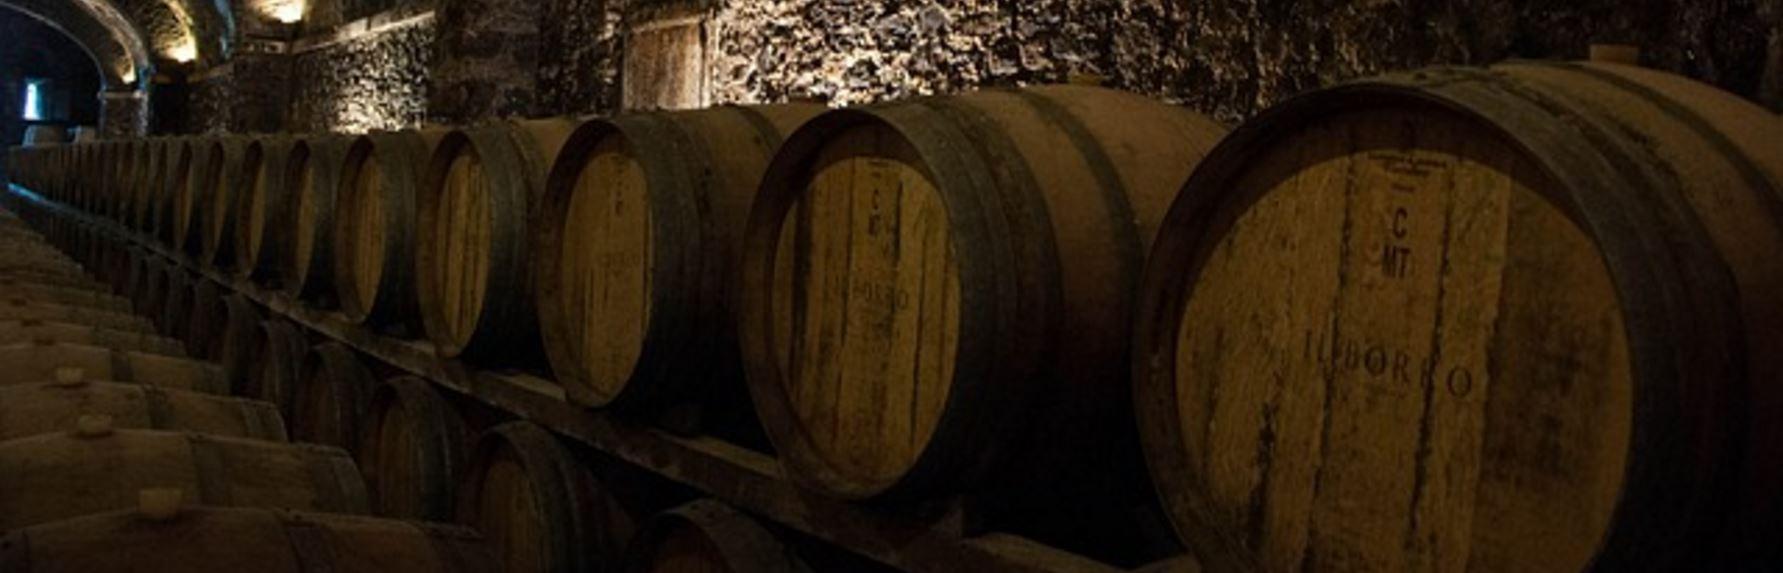 Lista dos vinhos Vini